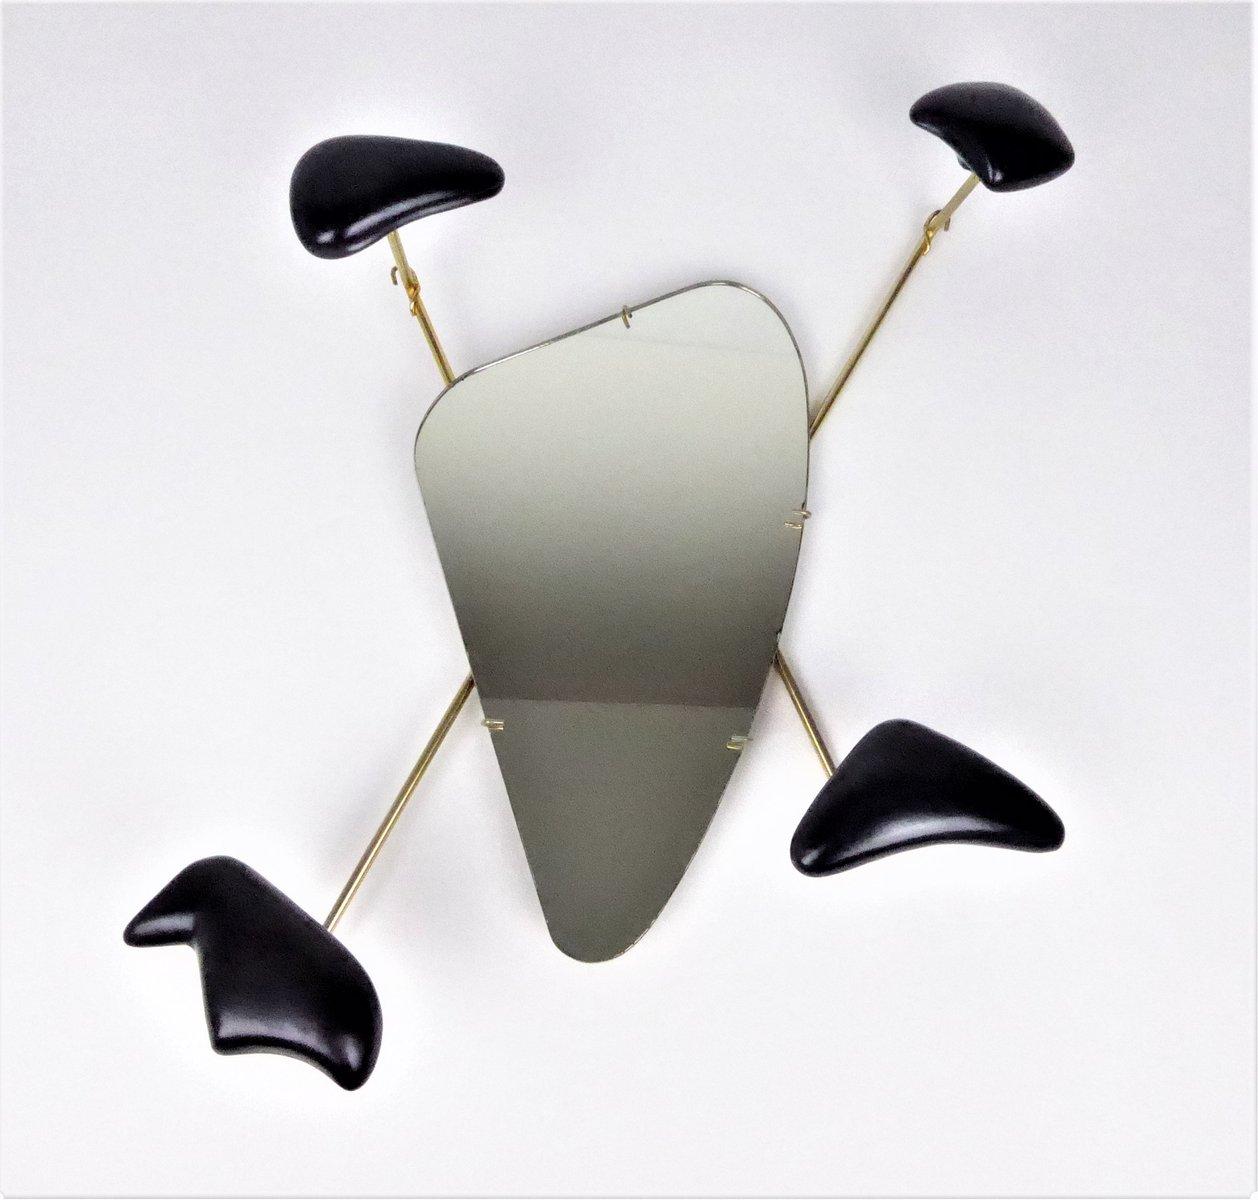 miroir par georges jouve marcel asselbur 1950s en vente